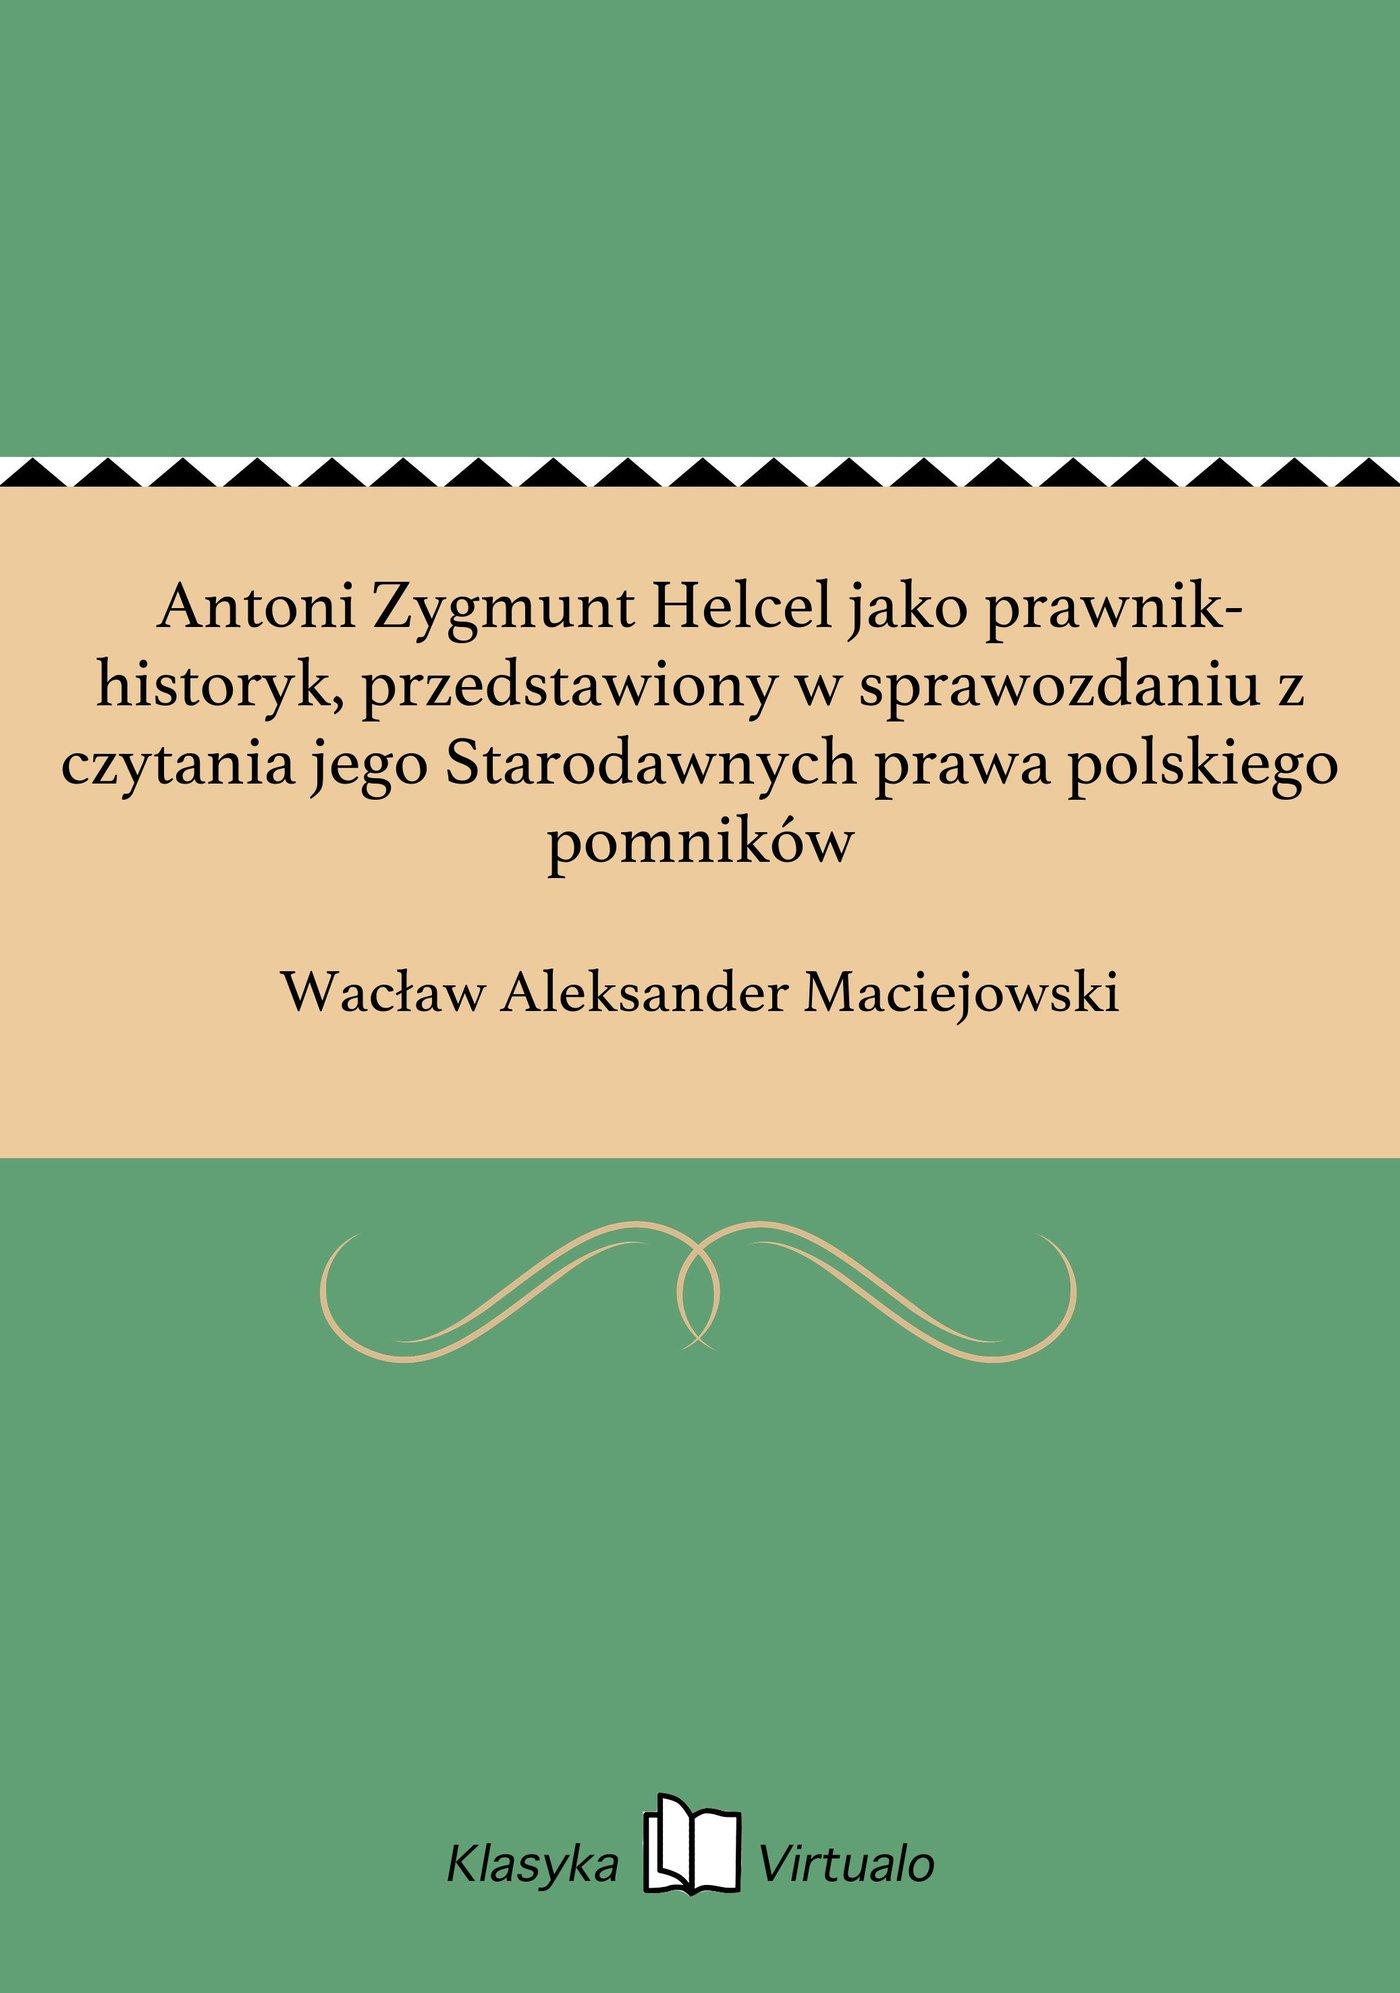 Antoni Zygmunt Helcel jako prawnik-historyk, przedstawiony w sprawozdaniu z czytania jego Starodawnych prawa polskiego pomników - Ebook (Książka EPUB) do pobrania w formacie EPUB